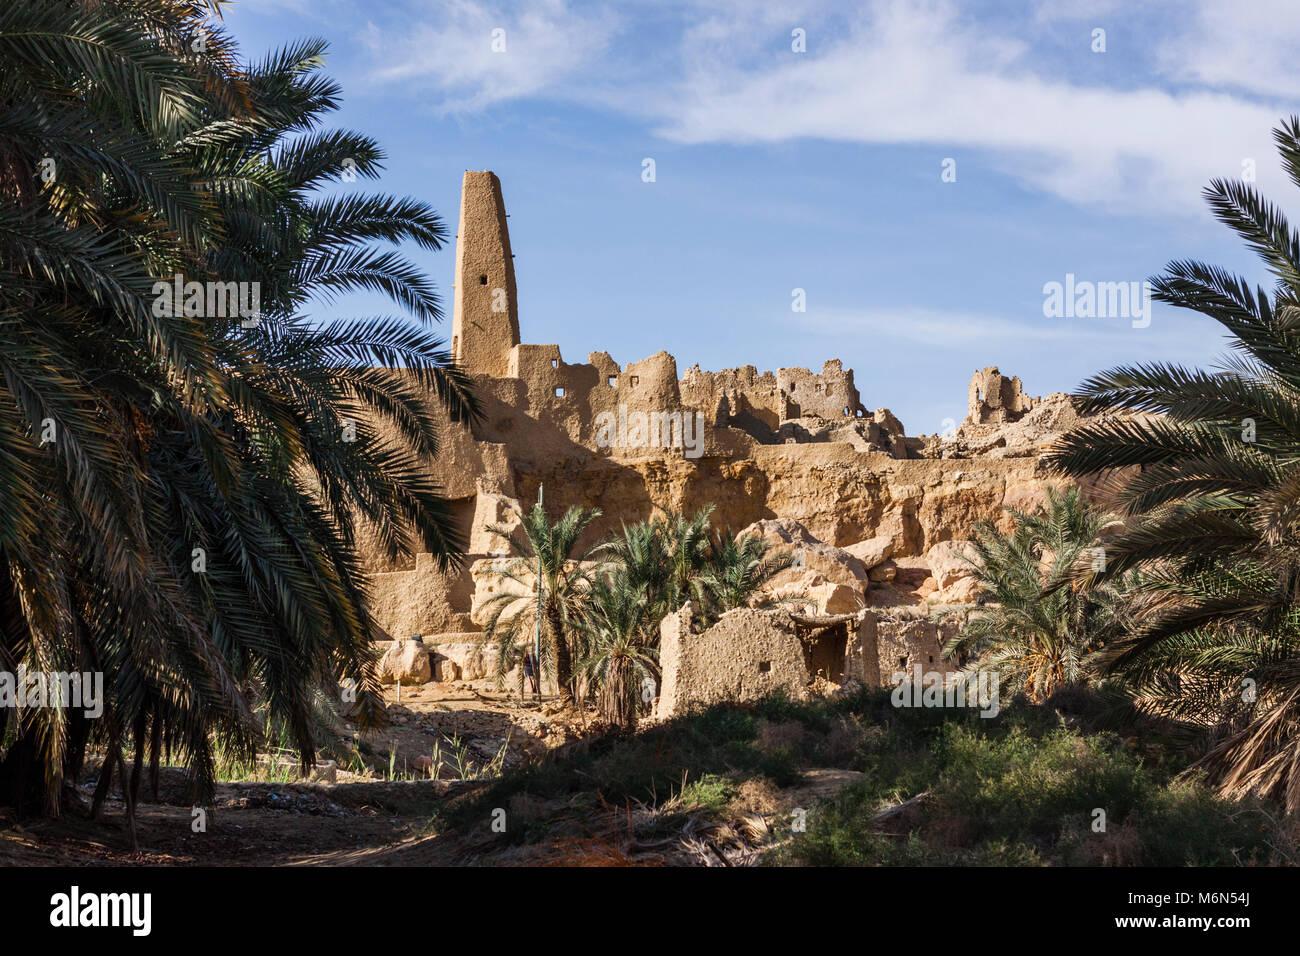 Restos del templo del oráculo de Aghurmi Ammun y la mezquita en la aldea. Siwa Oasis, Egipto Imagen De Stock